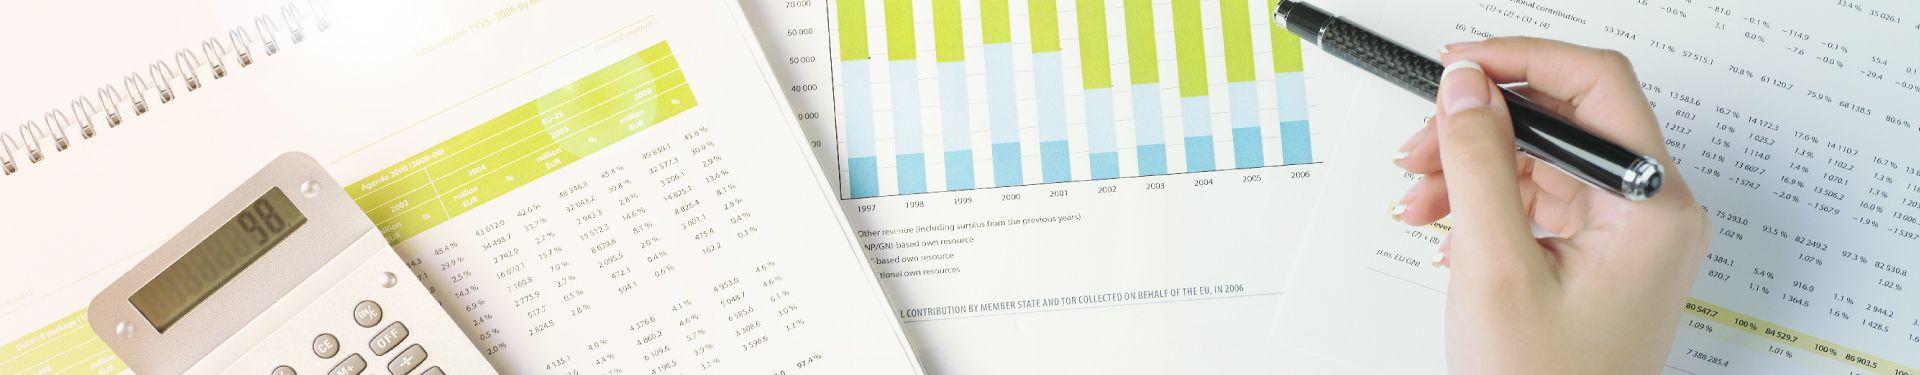 Νομική - Φορολογική Έναρξη Επιχείρησης